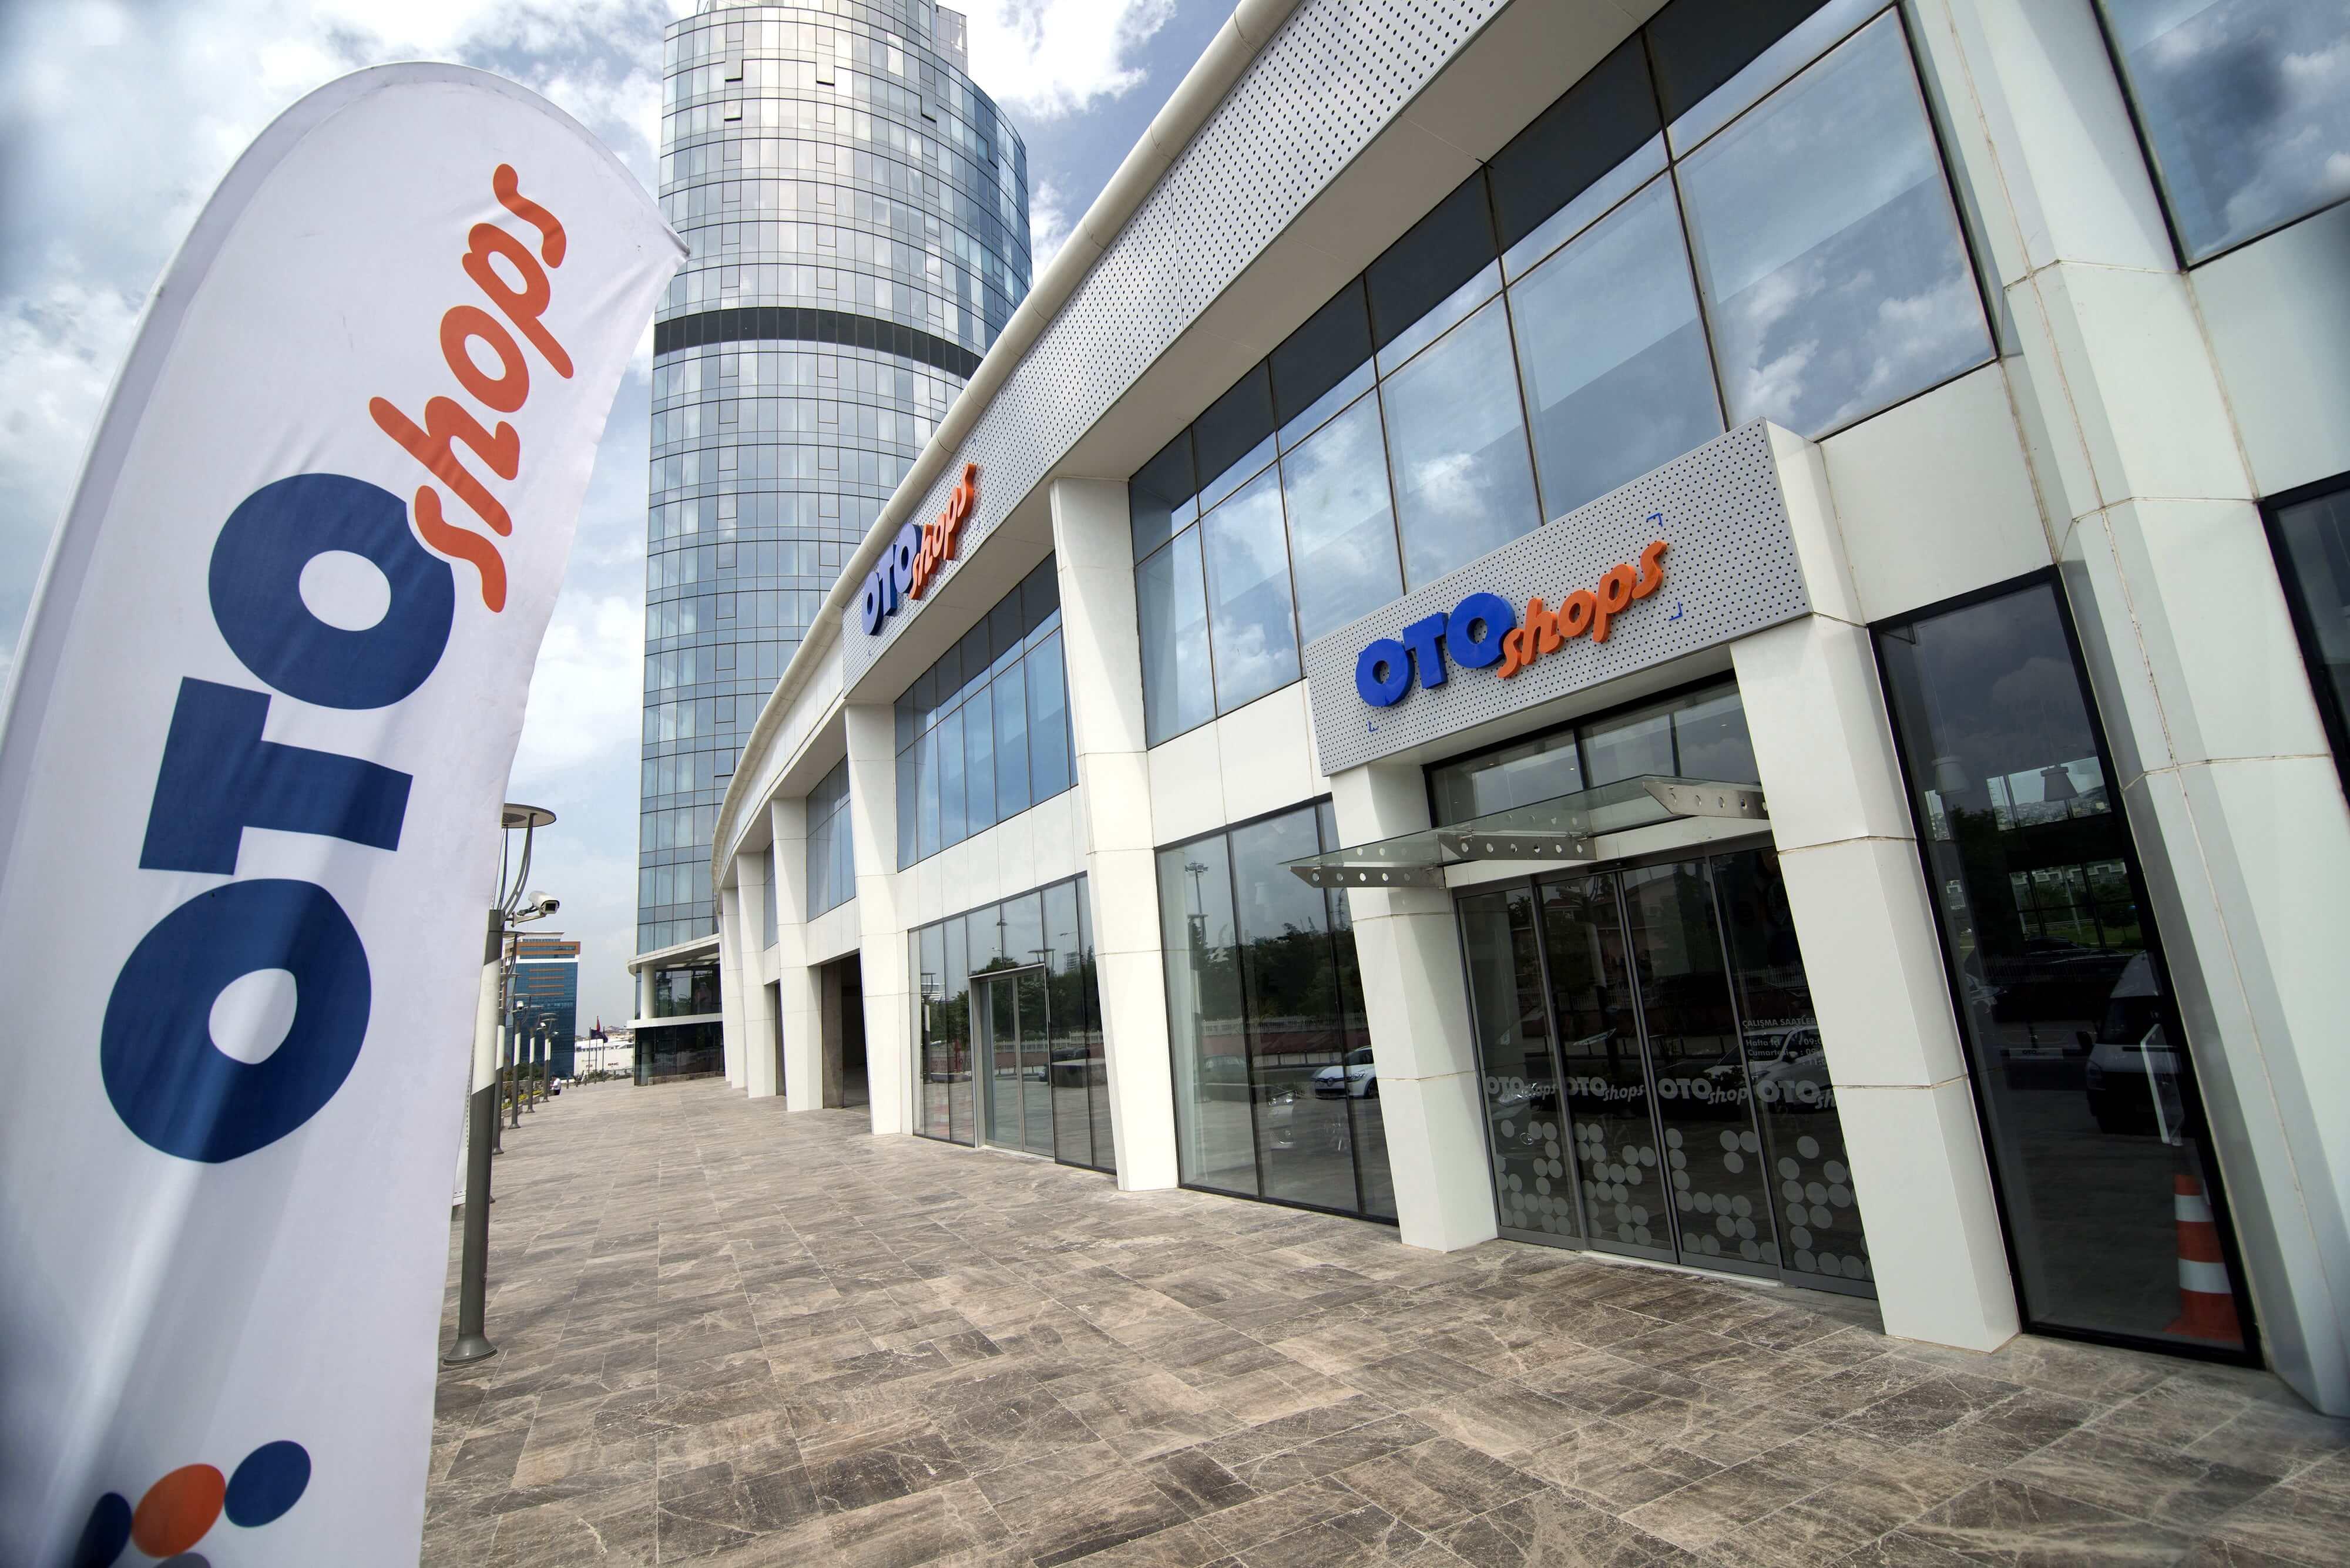 Türkiye'de OTOShop'lar açıldı